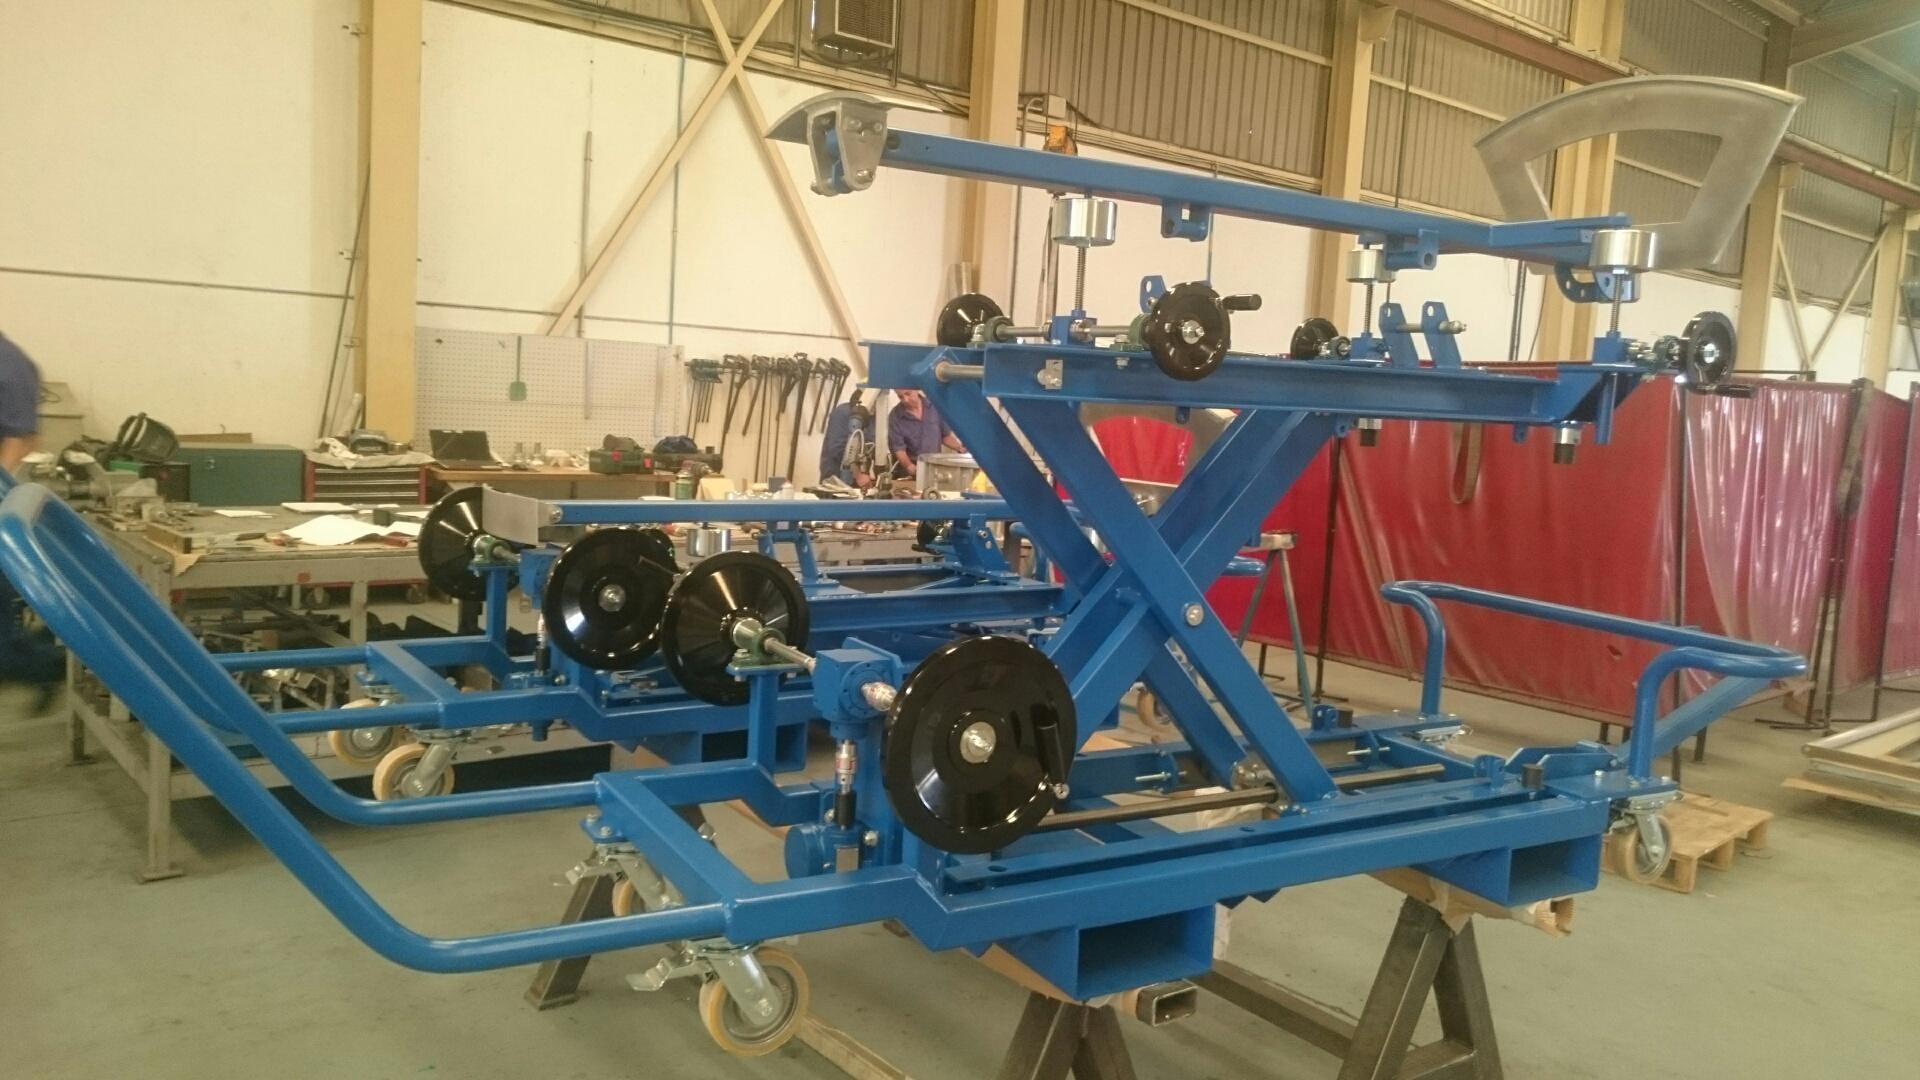 DSC 3738 - Assembly